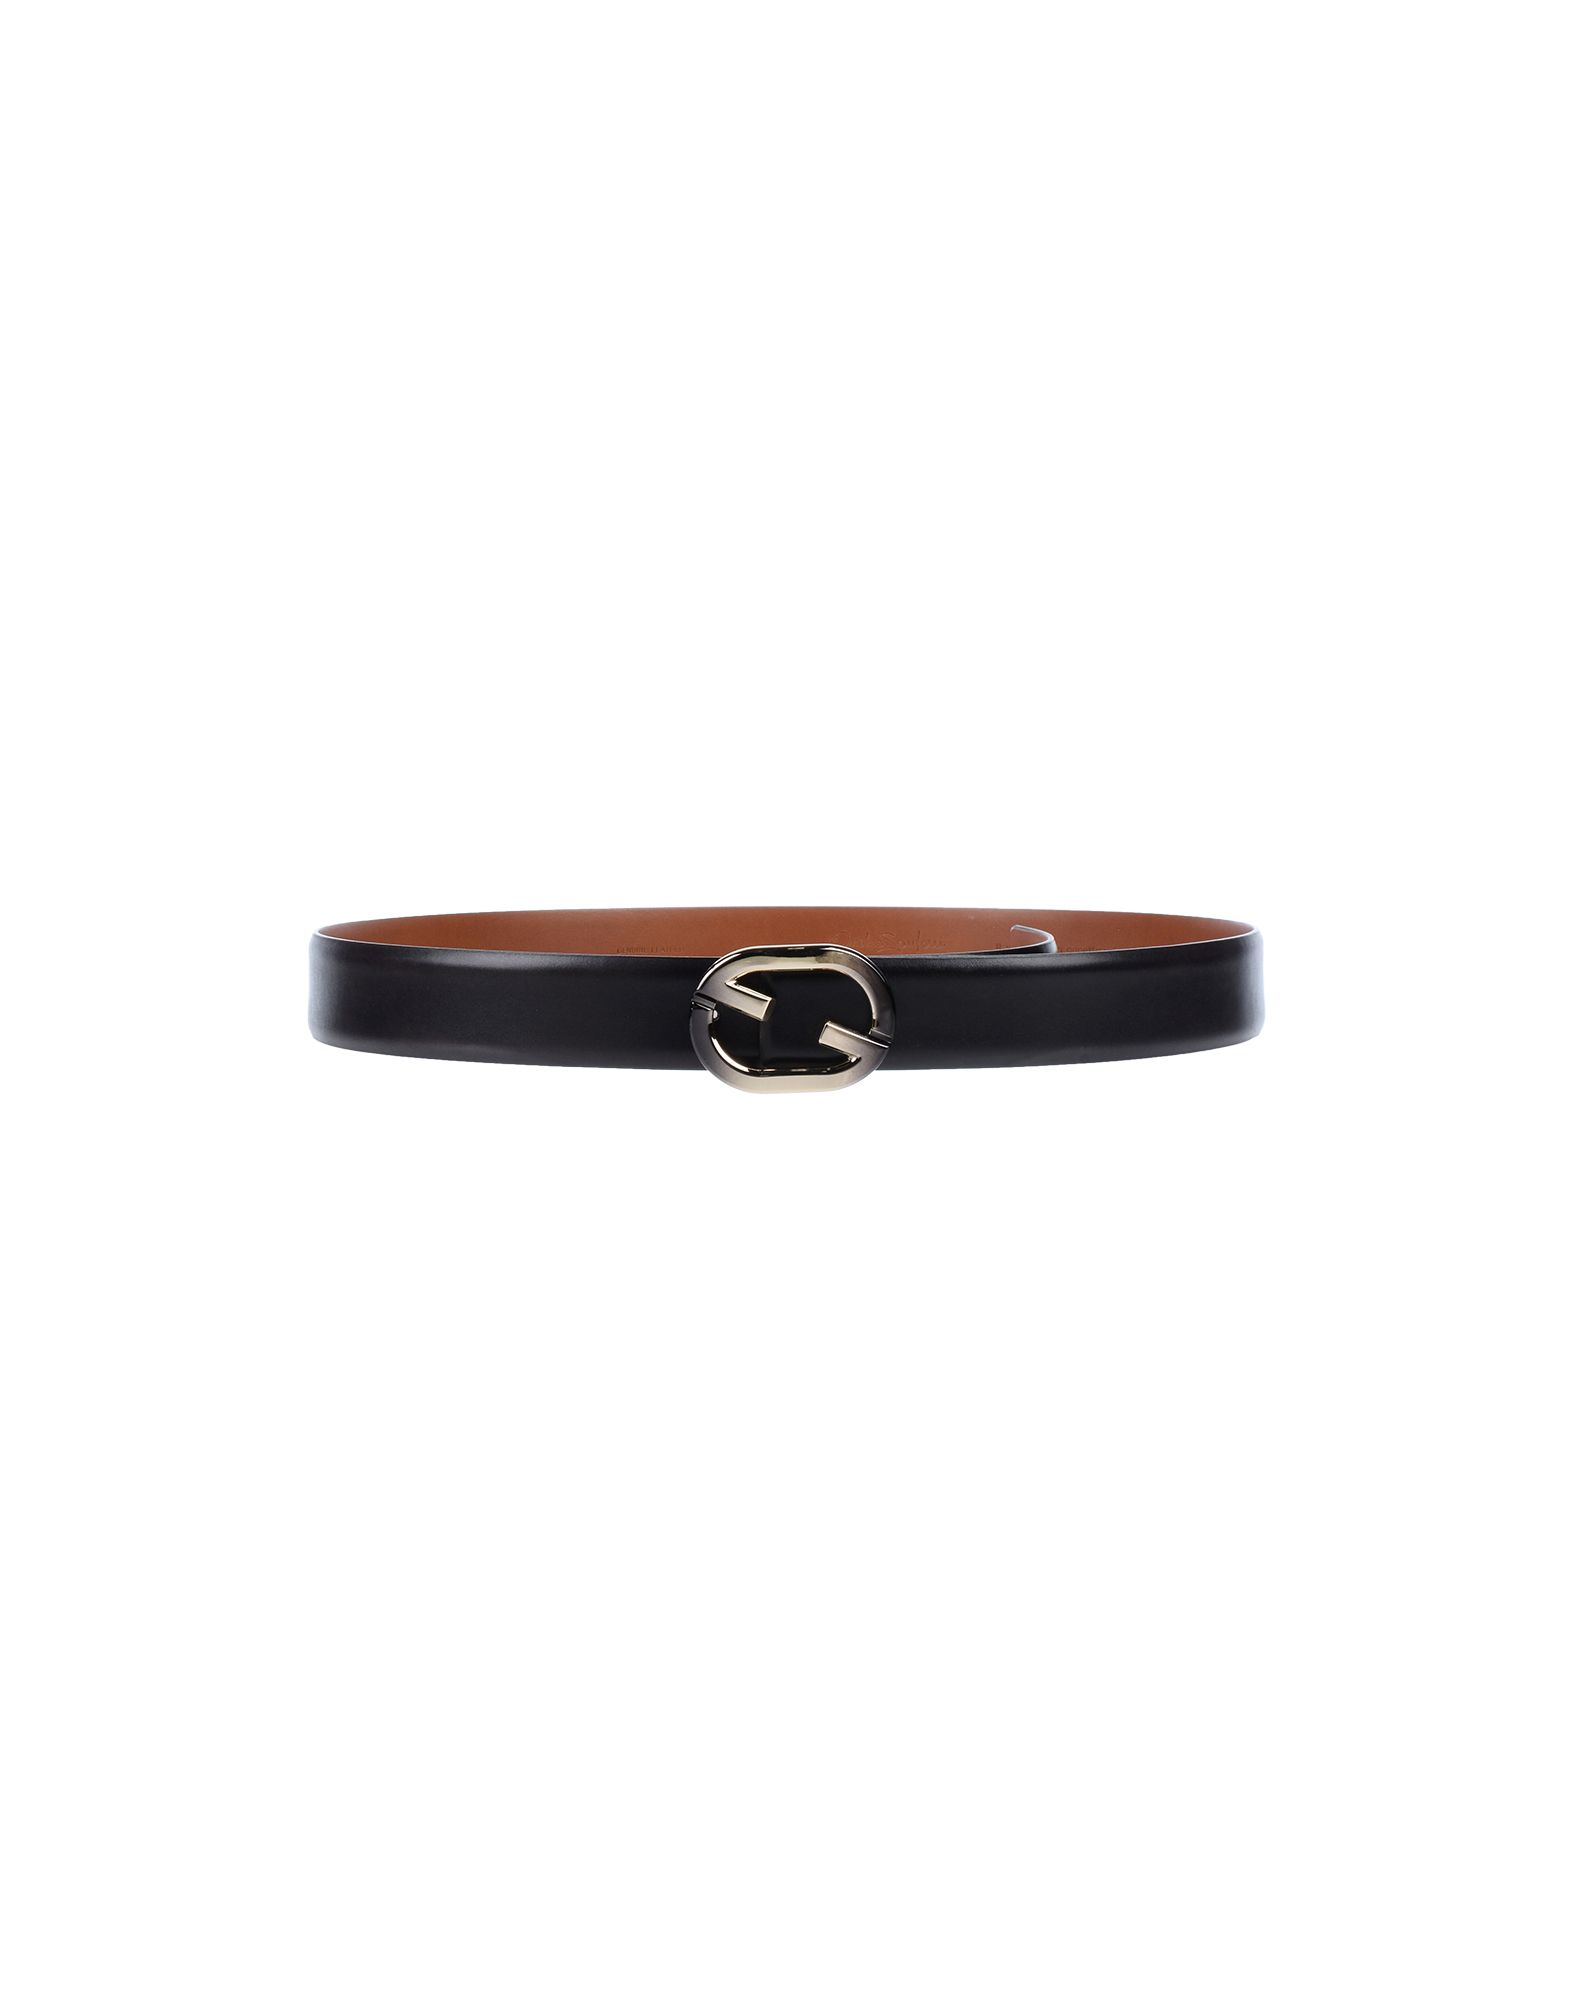 SANTONI Belts. leather, no appliqués, solid color, velcro closure, contains non-textile parts of animal origin. Soft Leather